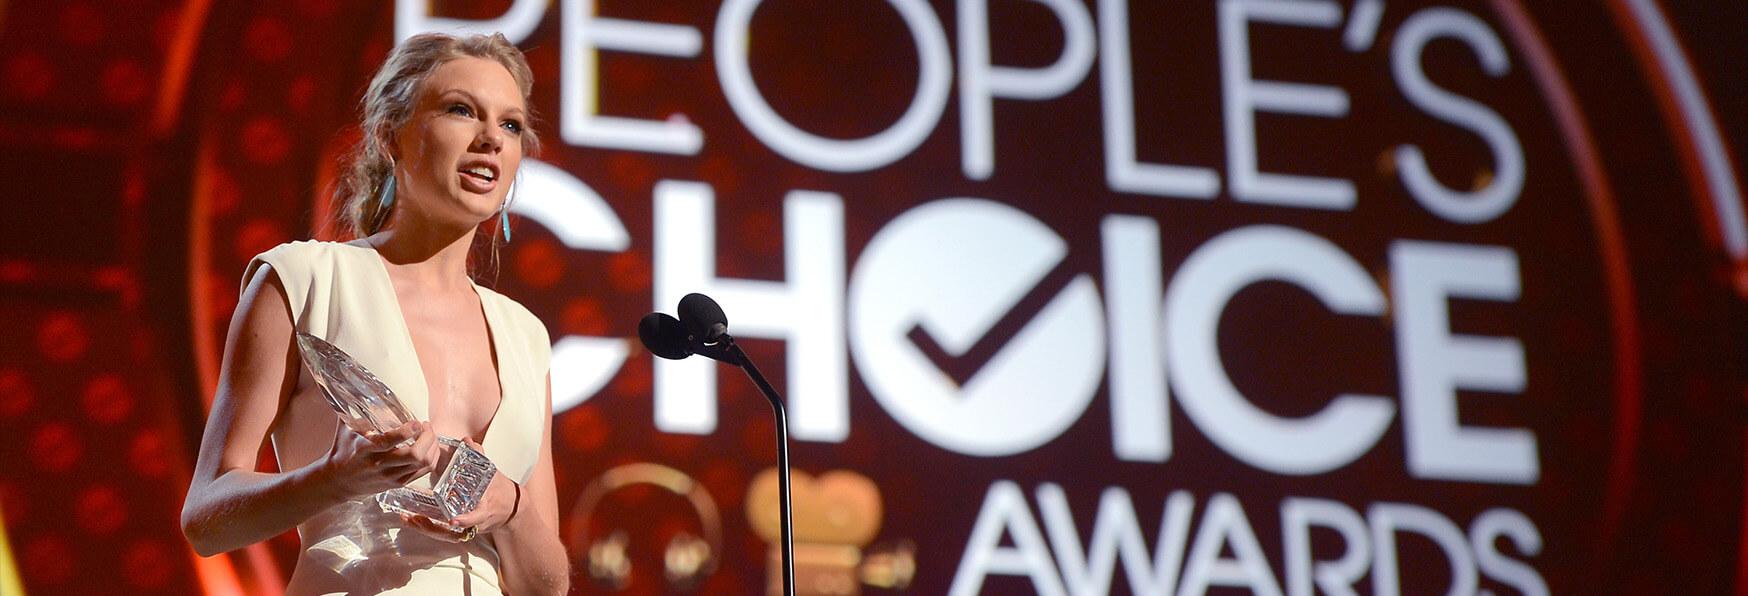 Rivelate le Nomination ai People's Choice Awards